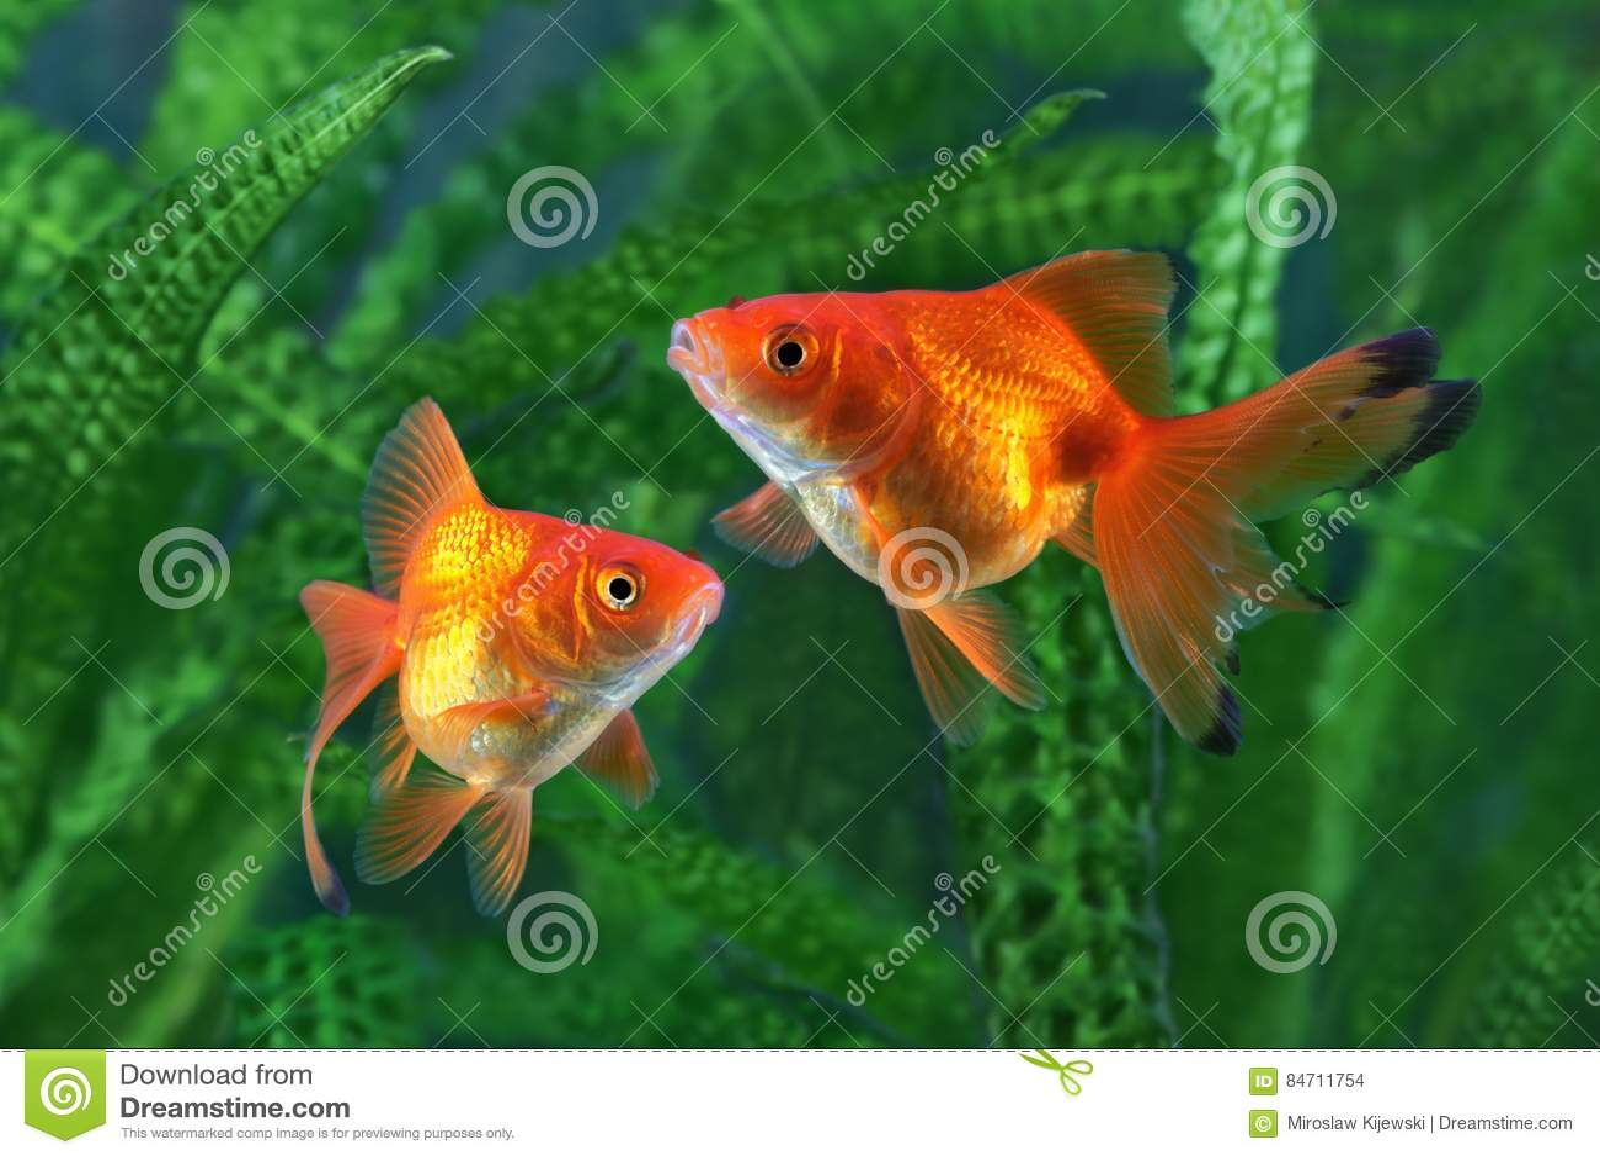 goldfisch aquarium ein fisch auf dem hintergrund von algen stockfoto bild 84711754. Black Bedroom Furniture Sets. Home Design Ideas